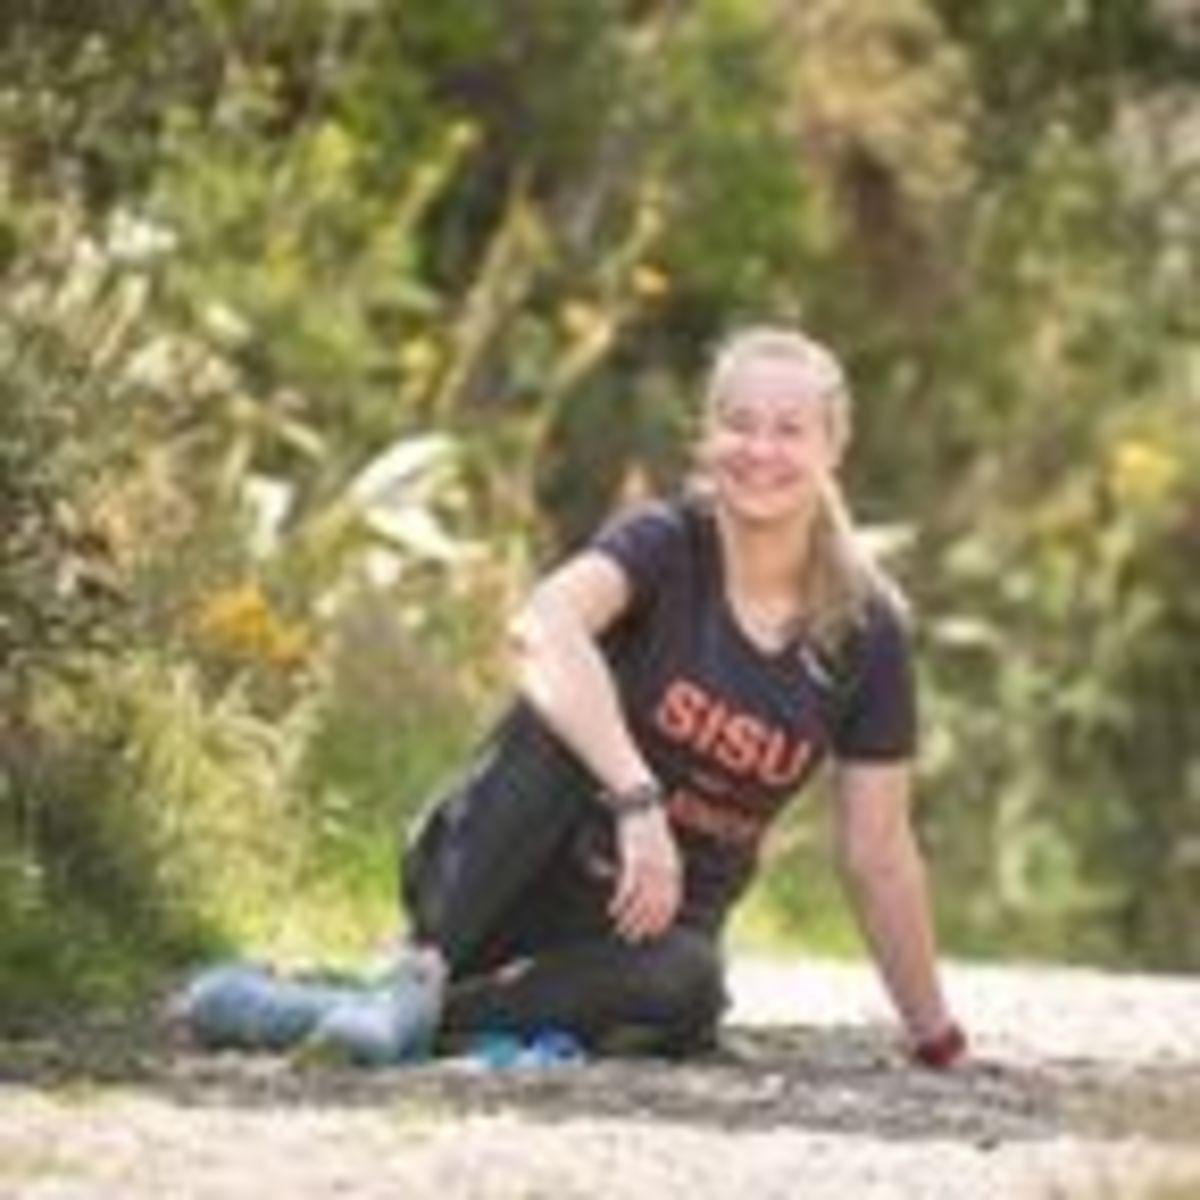 An Ultramarathon Runner's Secret to Mental Toughness